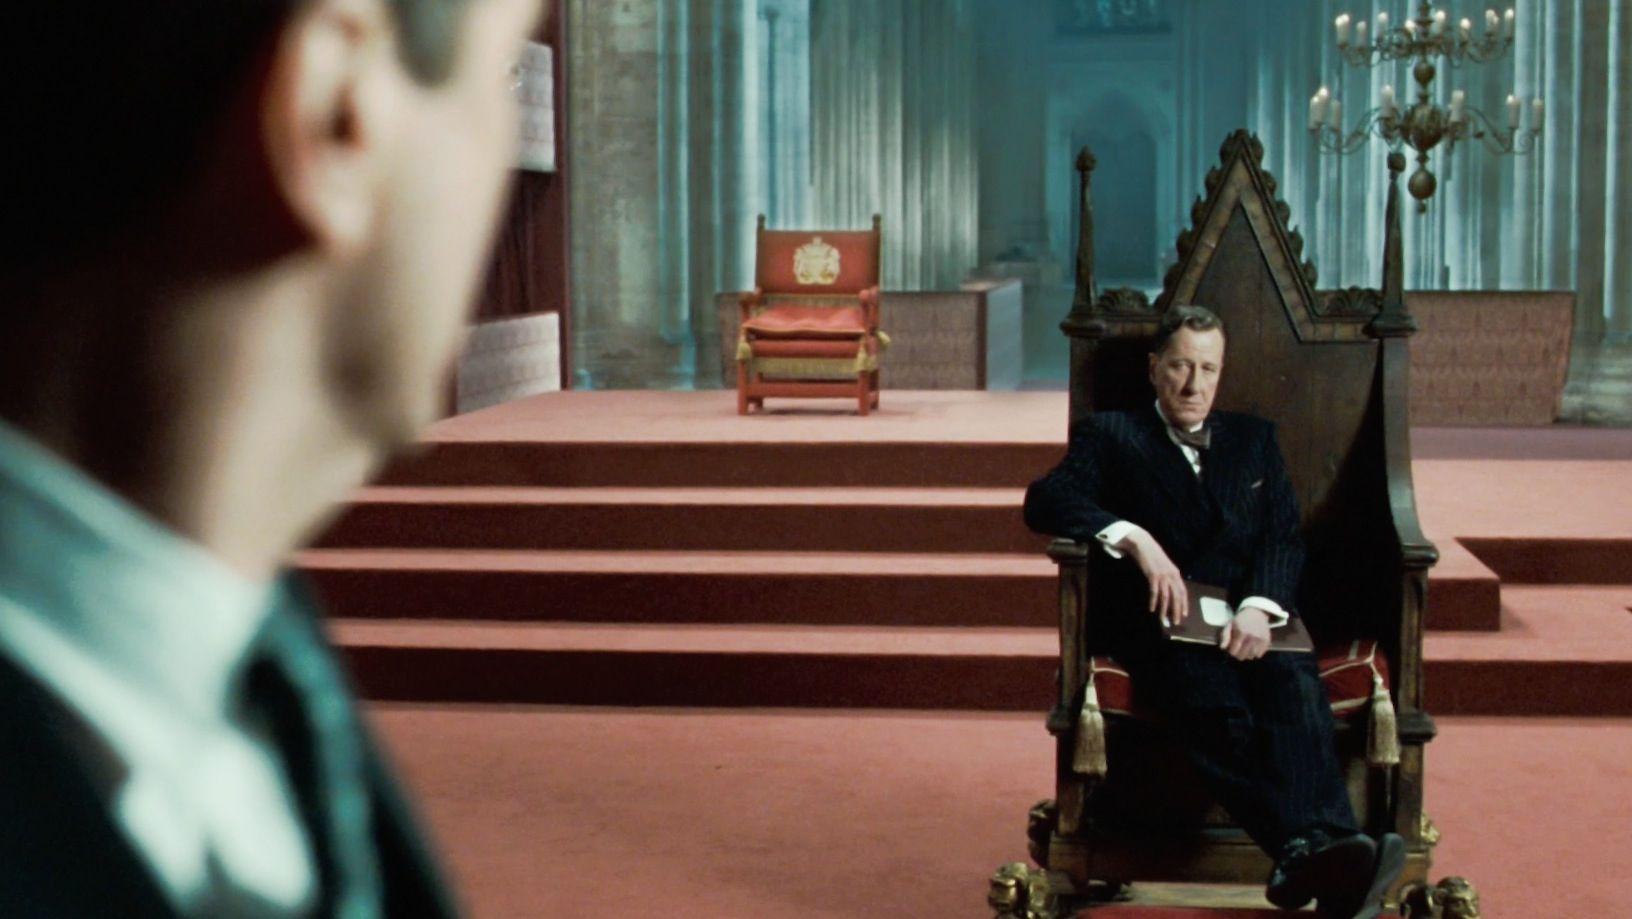 King vi lionel logue an australian speech and